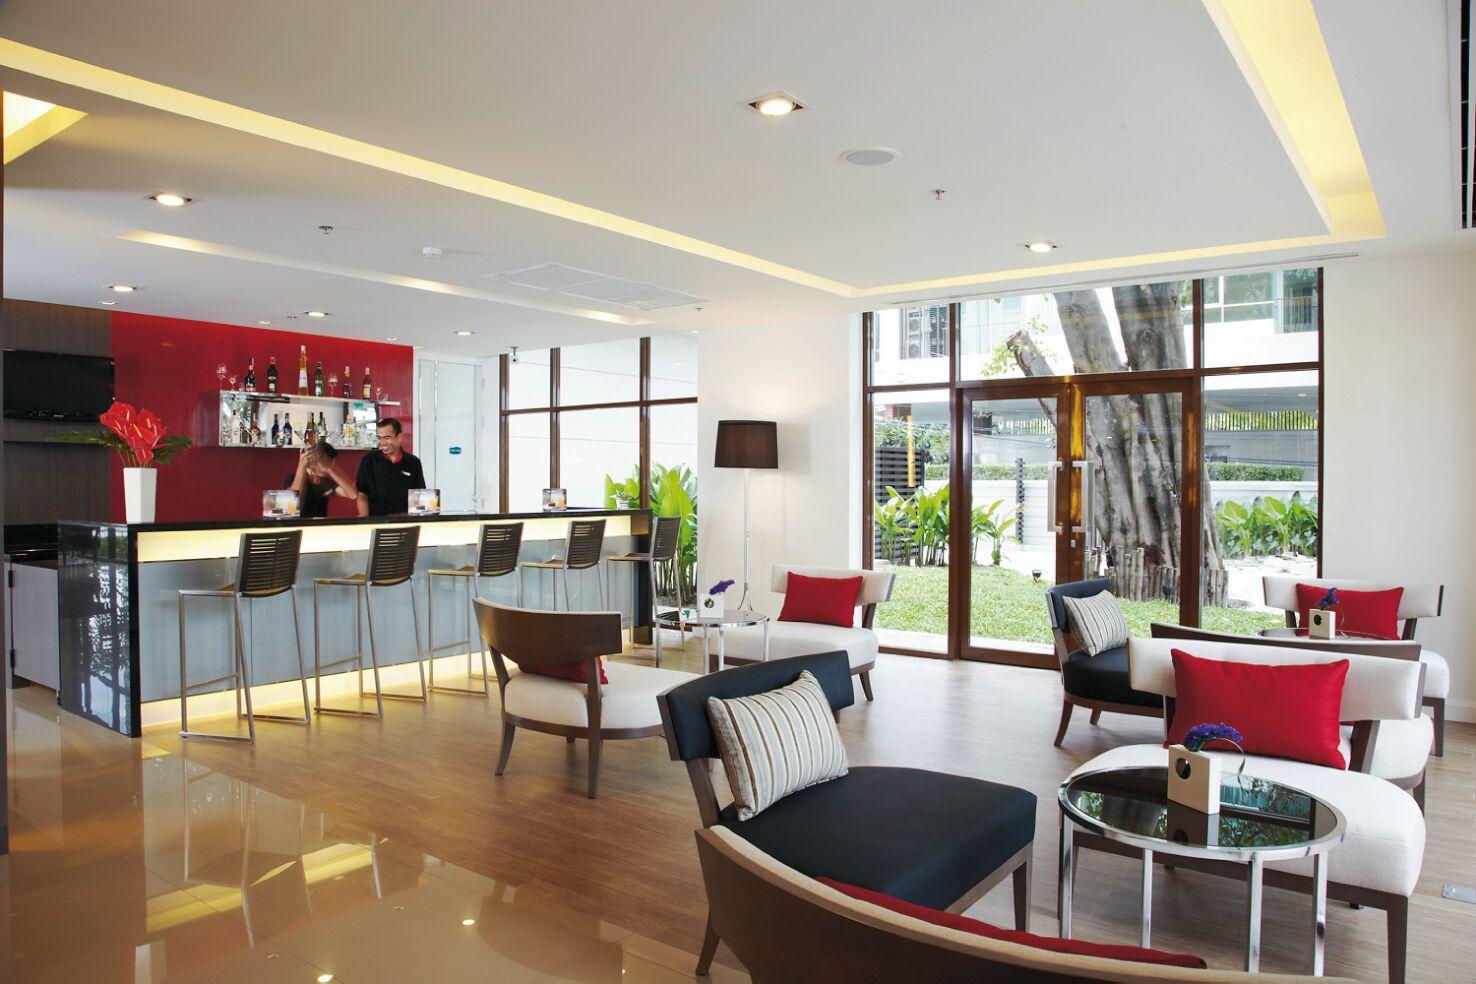 Thaïlande - Bangkok - Hôtel Ibis Bangkok Riverside 3*